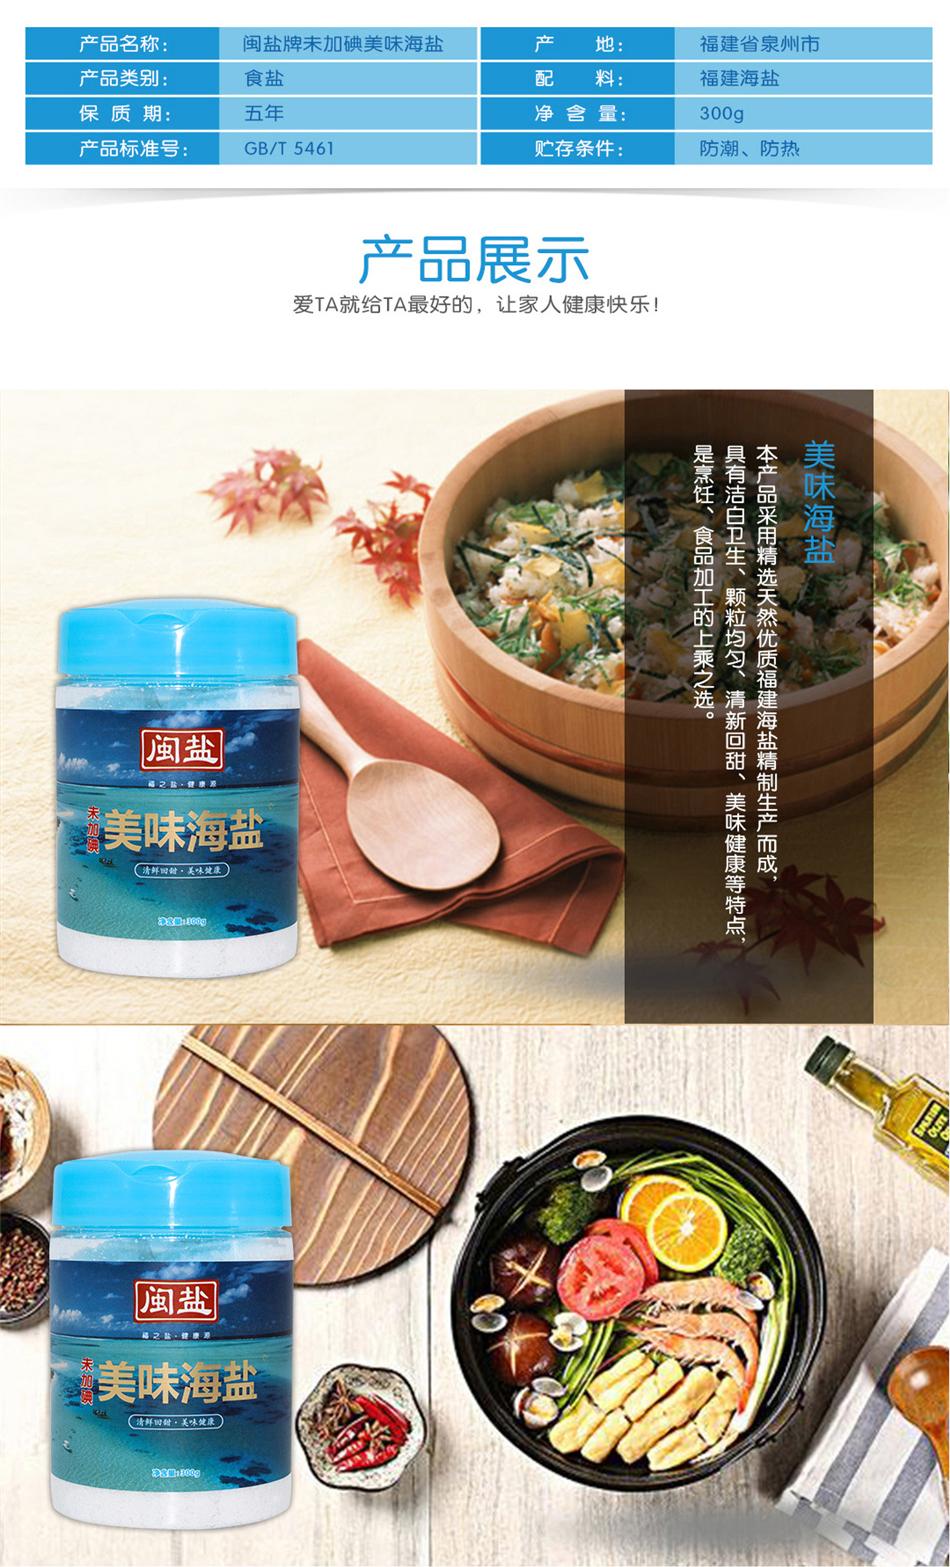 闽盐二级页面产品详情页1920dpi-未万博手机版官网美味海盐_04.jpg